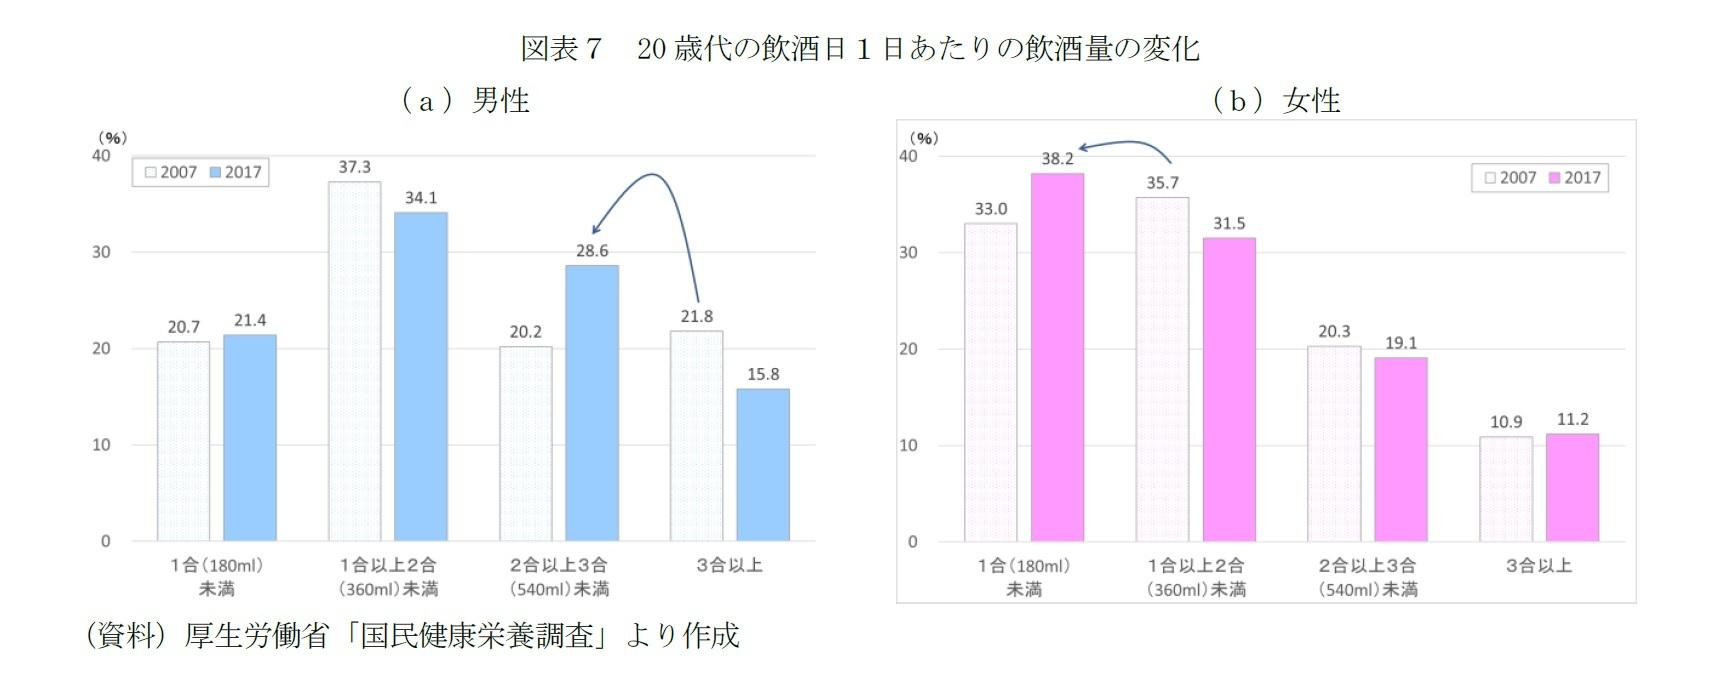 図表7 20歳代の飲酒日1日あたりの飲酒量の変化